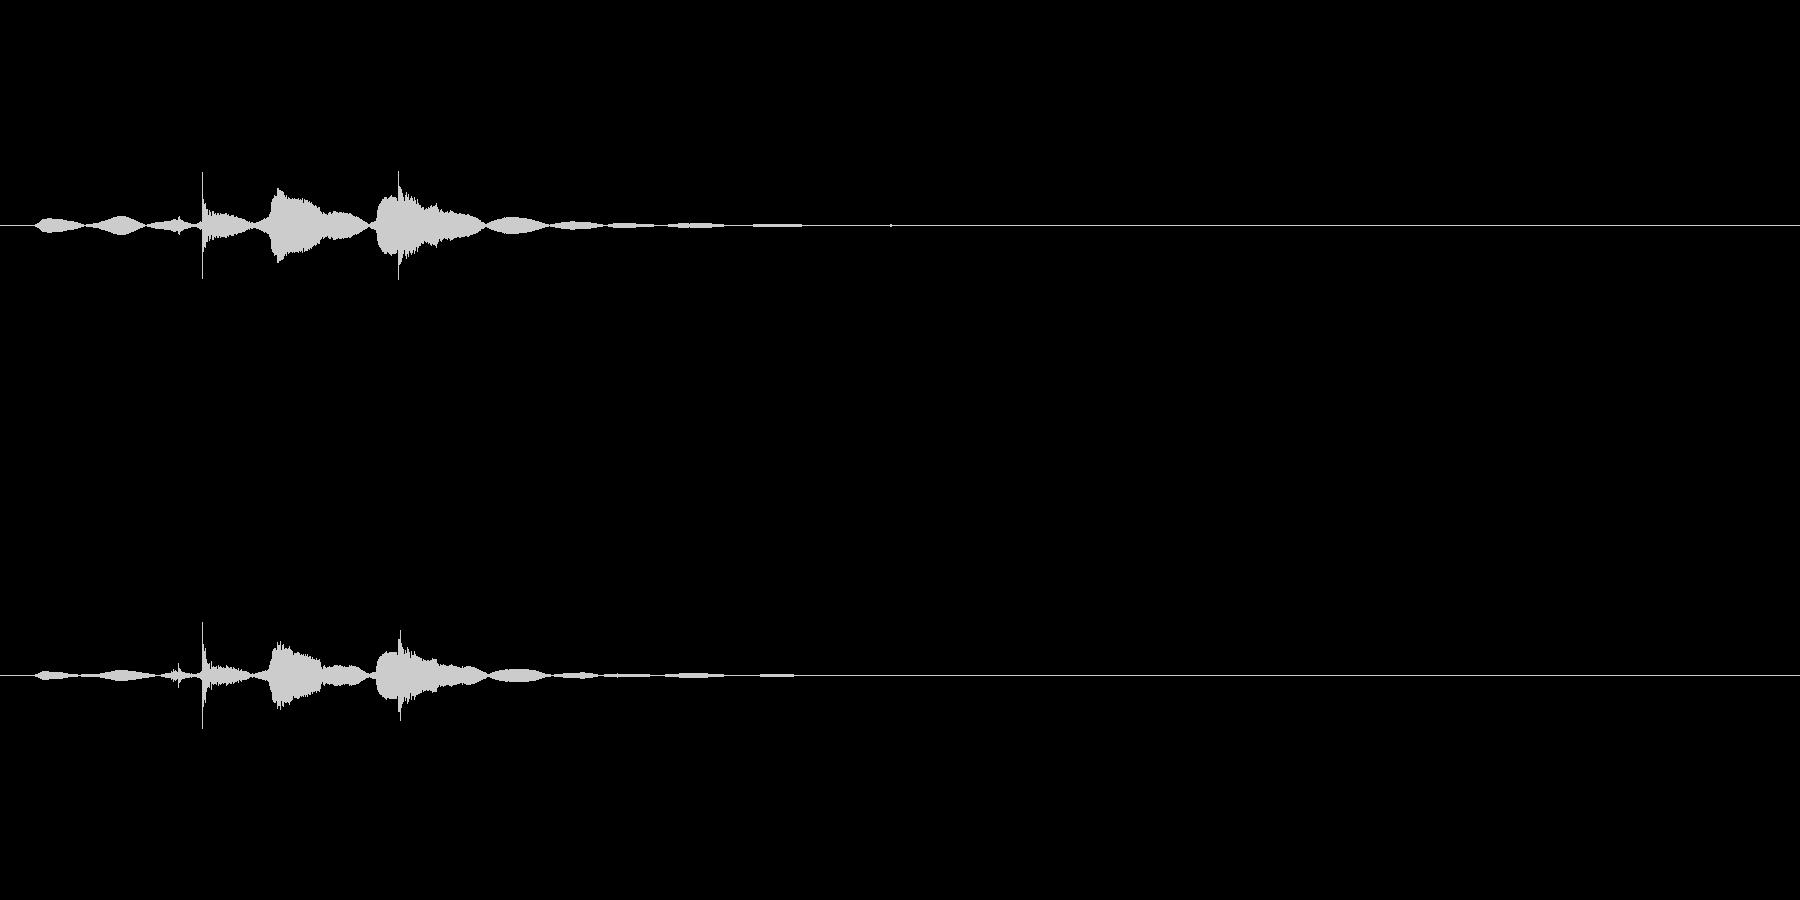 ストーブのスイッチオンの未再生の波形